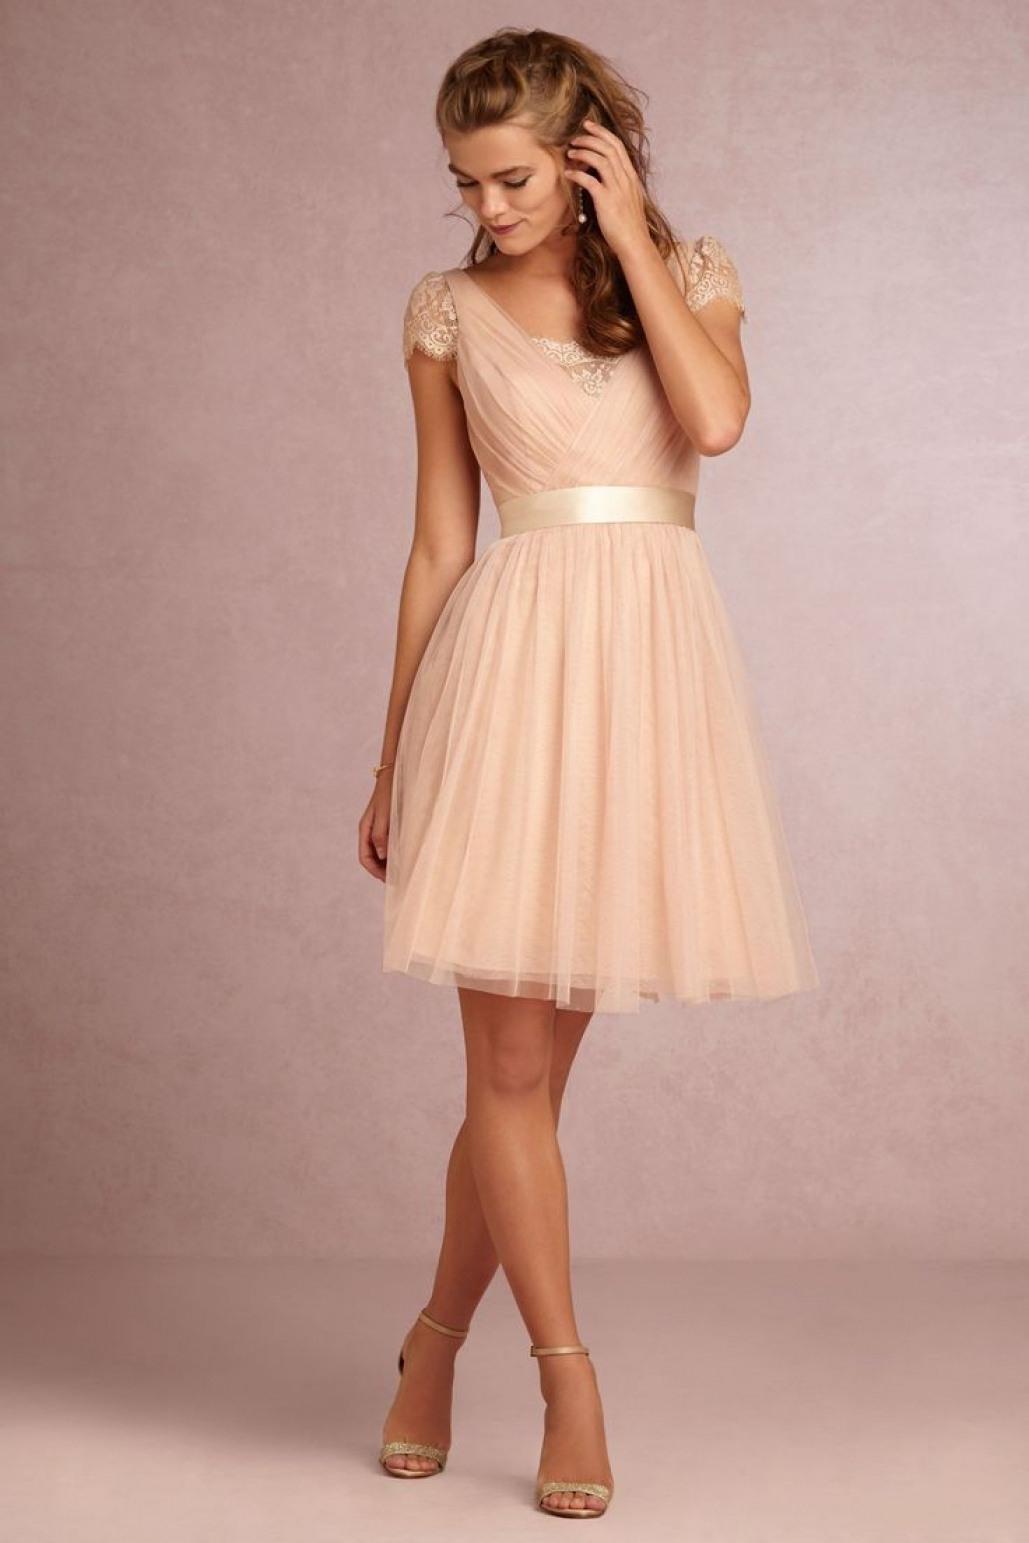 15 Schön Rosa Kleid Für Hochzeit GalerieAbend Fantastisch Rosa Kleid Für Hochzeit Design